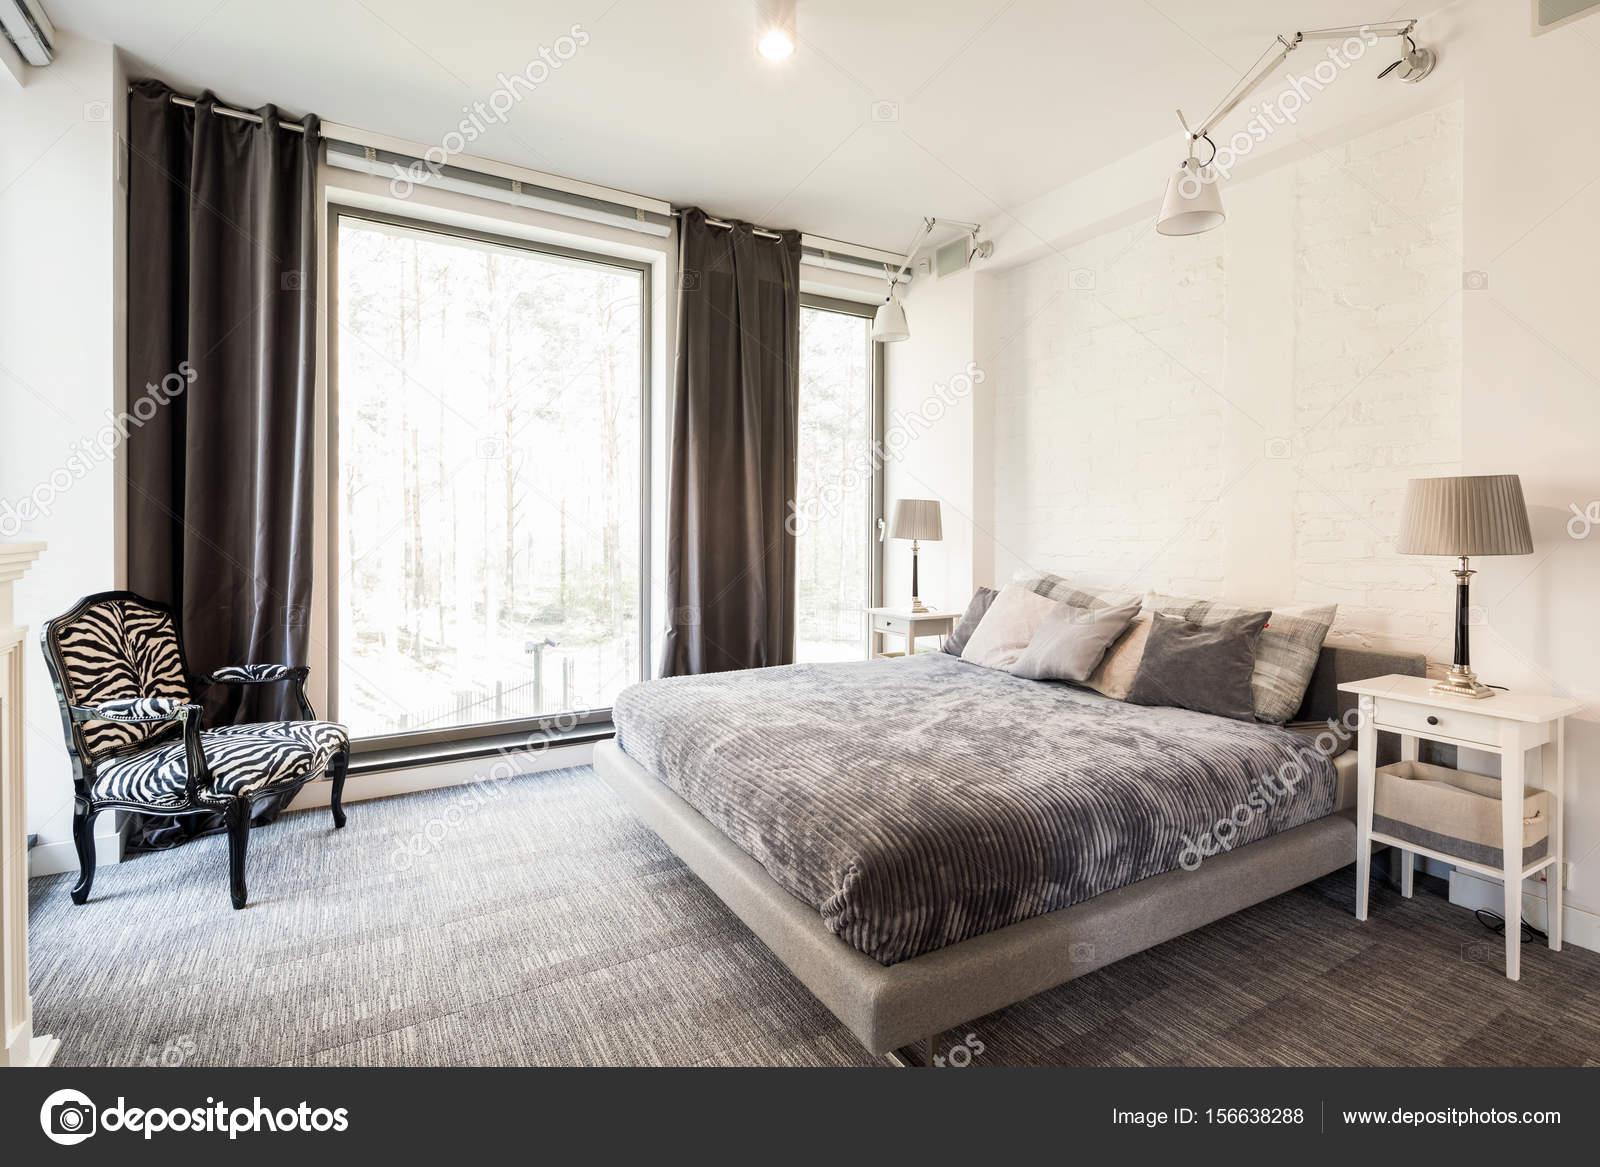 Avantgarde, Helle Schlafzimmer Mit Kingsize Bett, Großes Fenster Und Sessel  Mit Zebra Thema U2014 Foto Von Photographee.eu